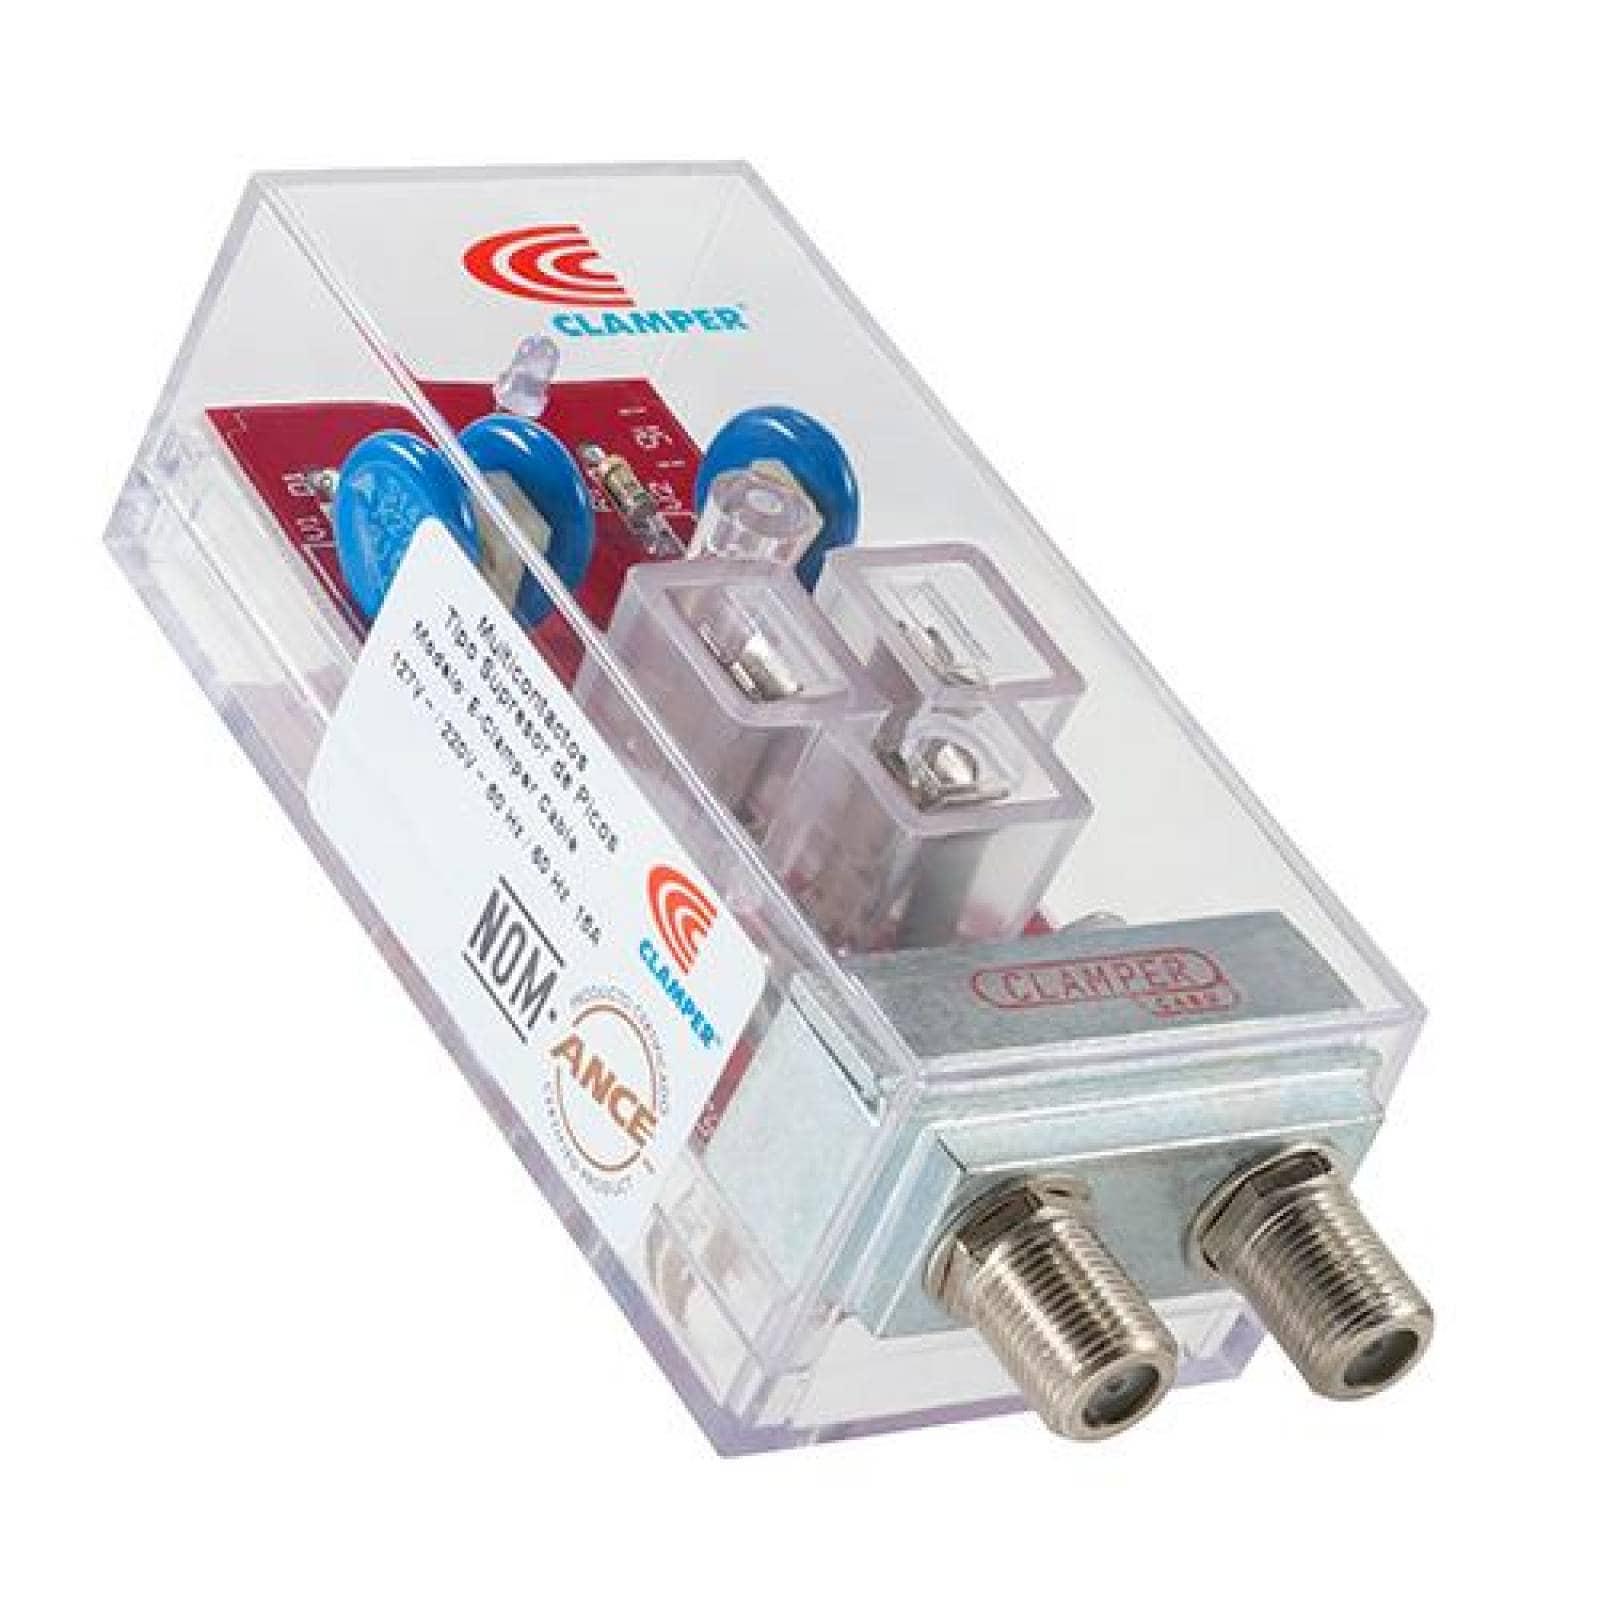 Protector equipos electrónicos con entrada cable coaxial